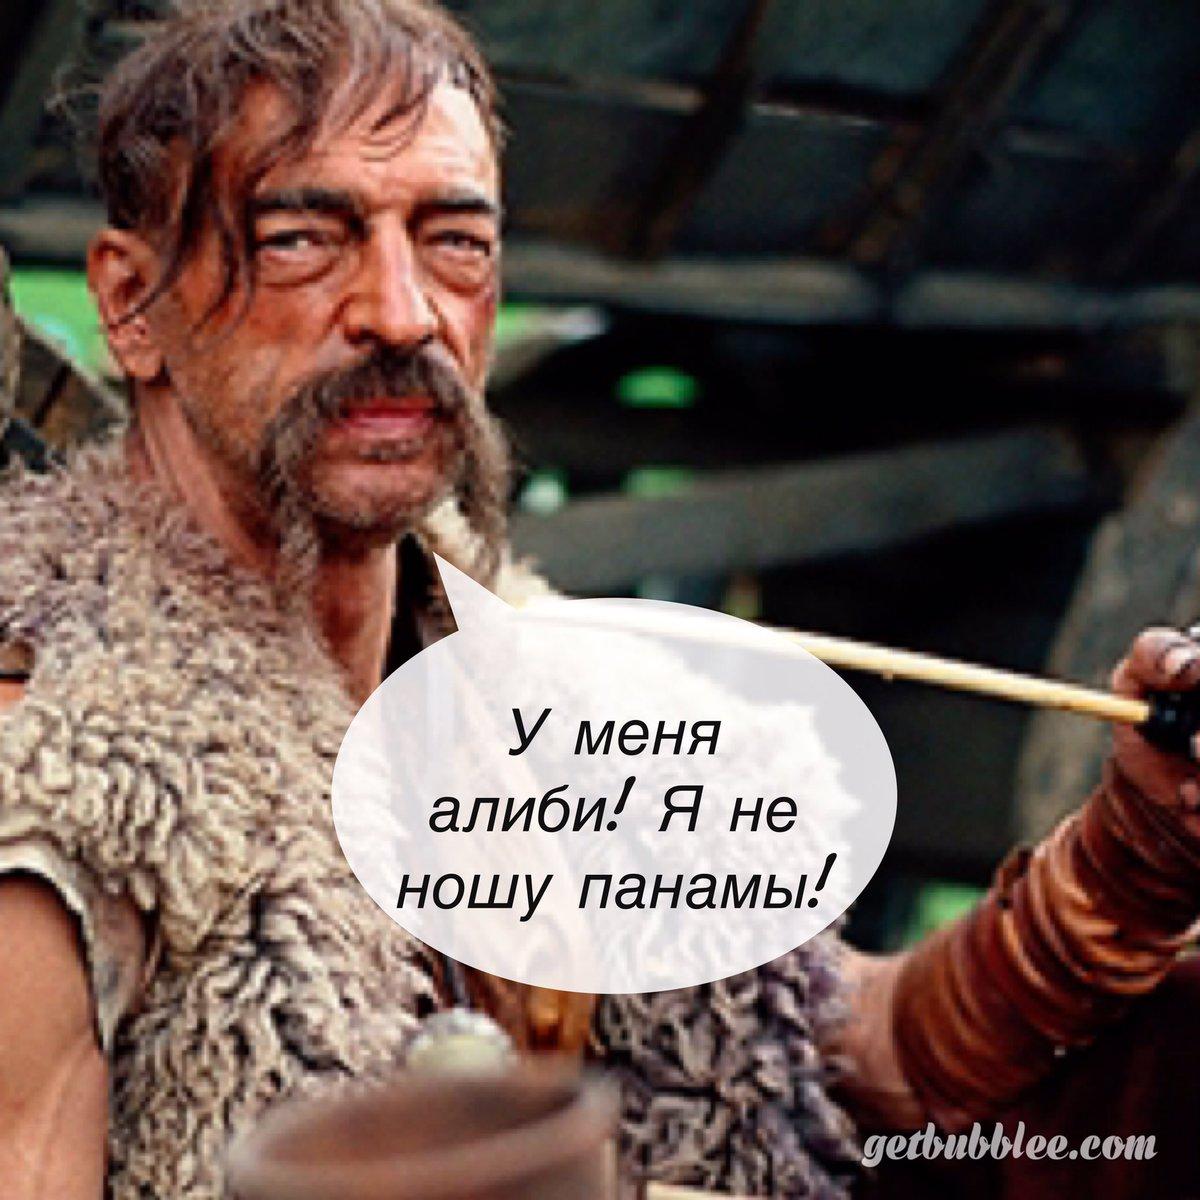 """Жилина могли убить в ходе """"зачистки"""" причастных к расстрелу Майдана, - прокурор ГПУ Донской - Цензор.НЕТ 7468"""